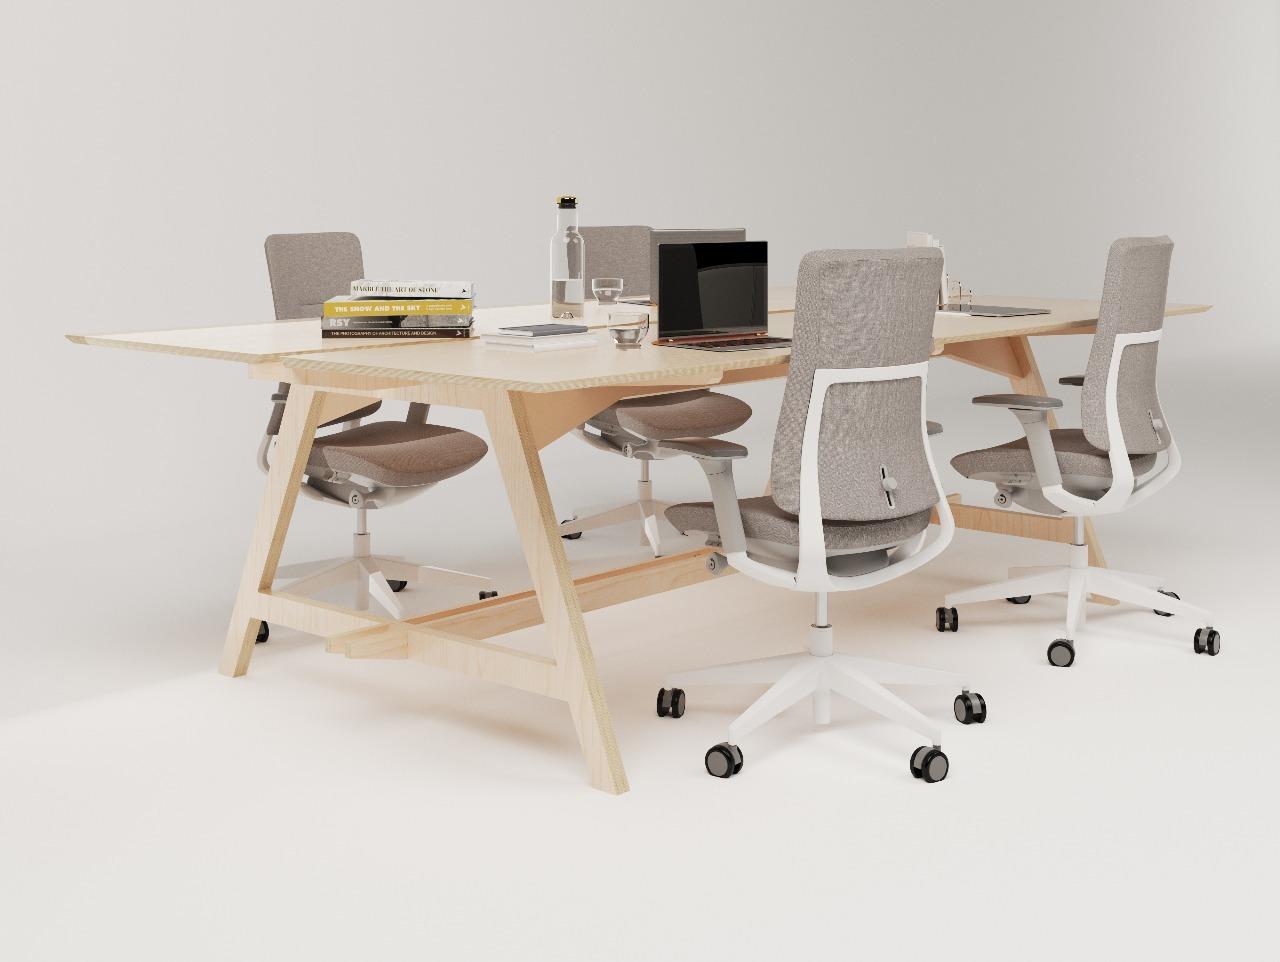 Table de réunion design en bois de bouleau pour 4 personnes avec des assises confortables de couleur grise idéale pour travailler sur l'ordinateur entre collaborateurs